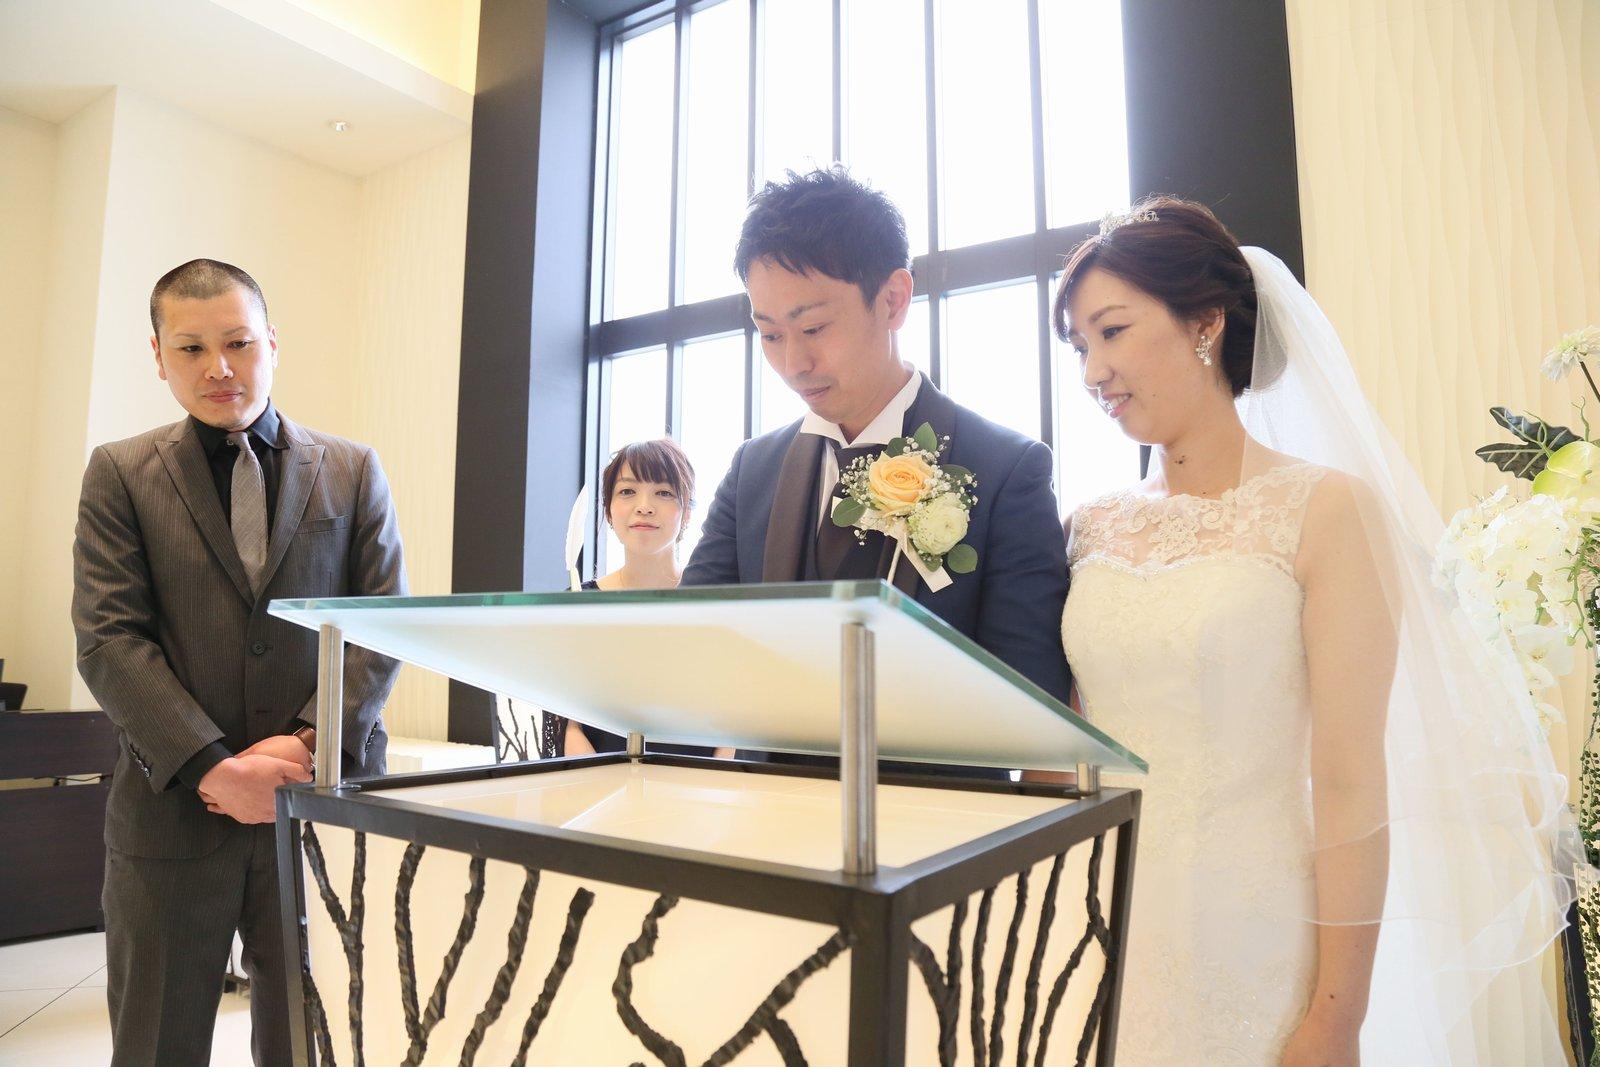 高松市の結婚式場アイルバレクラブの結婚式 結婚証明書に今お二人のサインが。